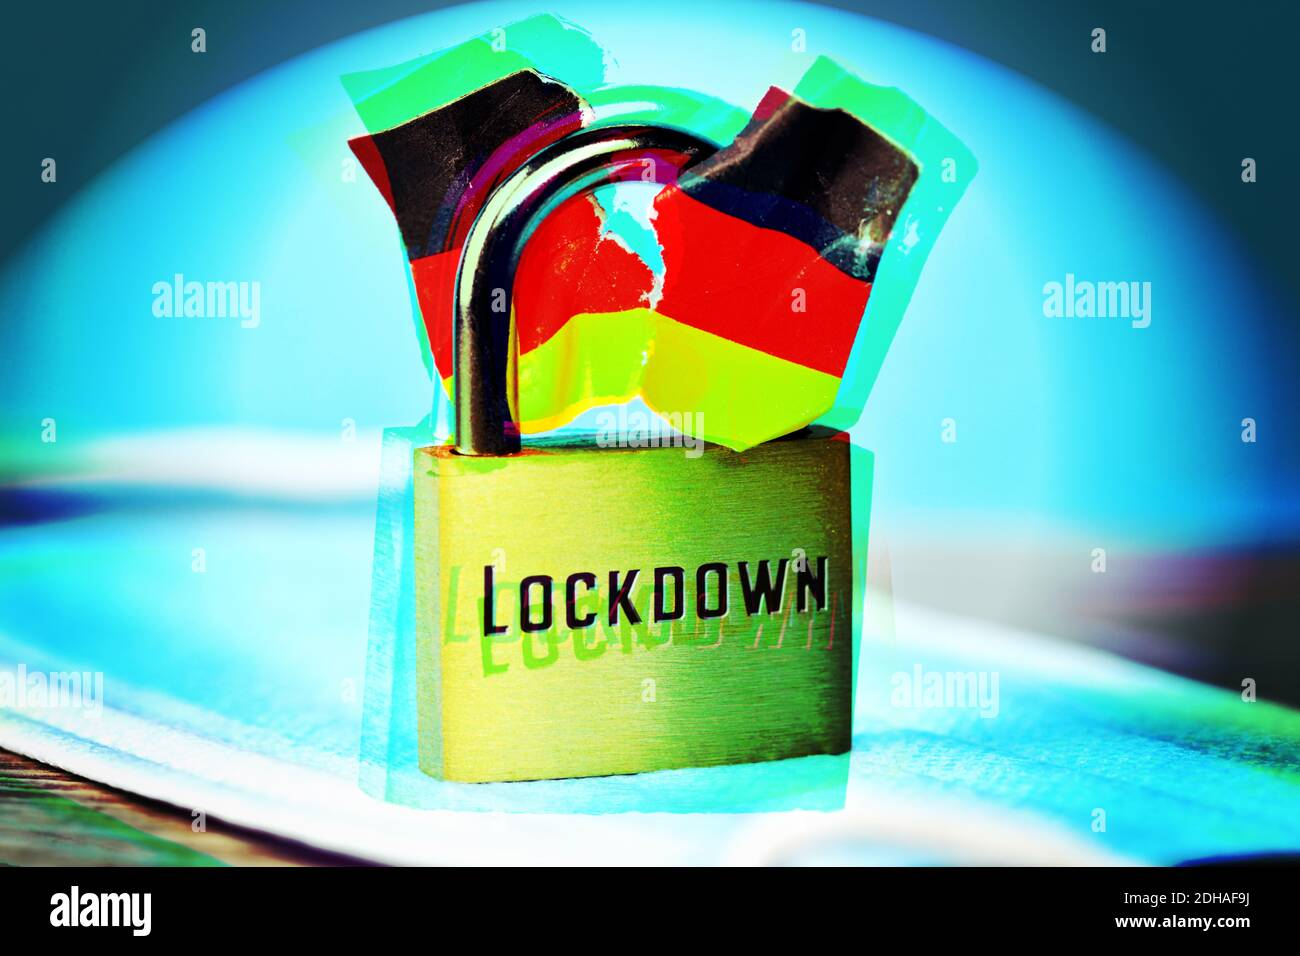 FOTOMONTAGE, Geschlossenes Vorhängeschloss mit angerissener Deutschlandfahne und Aufschrift Lockdown, Spaltung der Gesellschaft durch den Lockdown Stock Photo